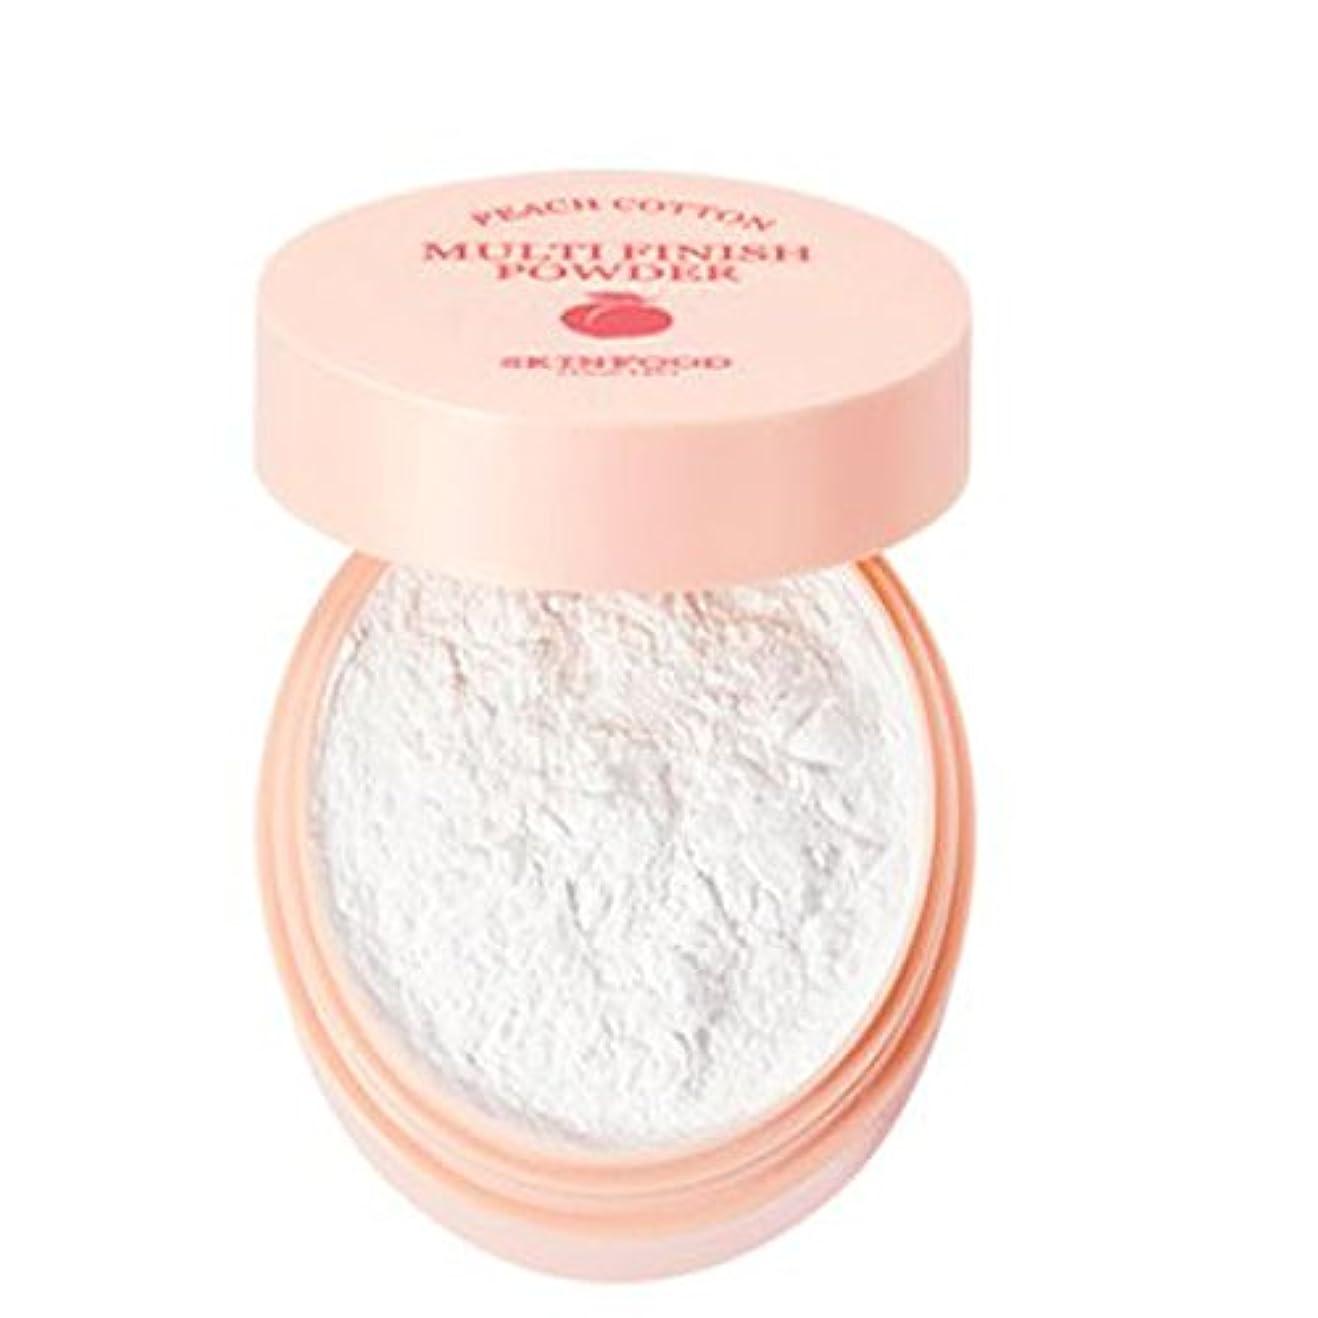 差し控える文明化するフォーカス[SKINFOOD] Peach Cotton Multi Finish Powder ピッチサラッとマルチフィニッシュパウダー - 5g